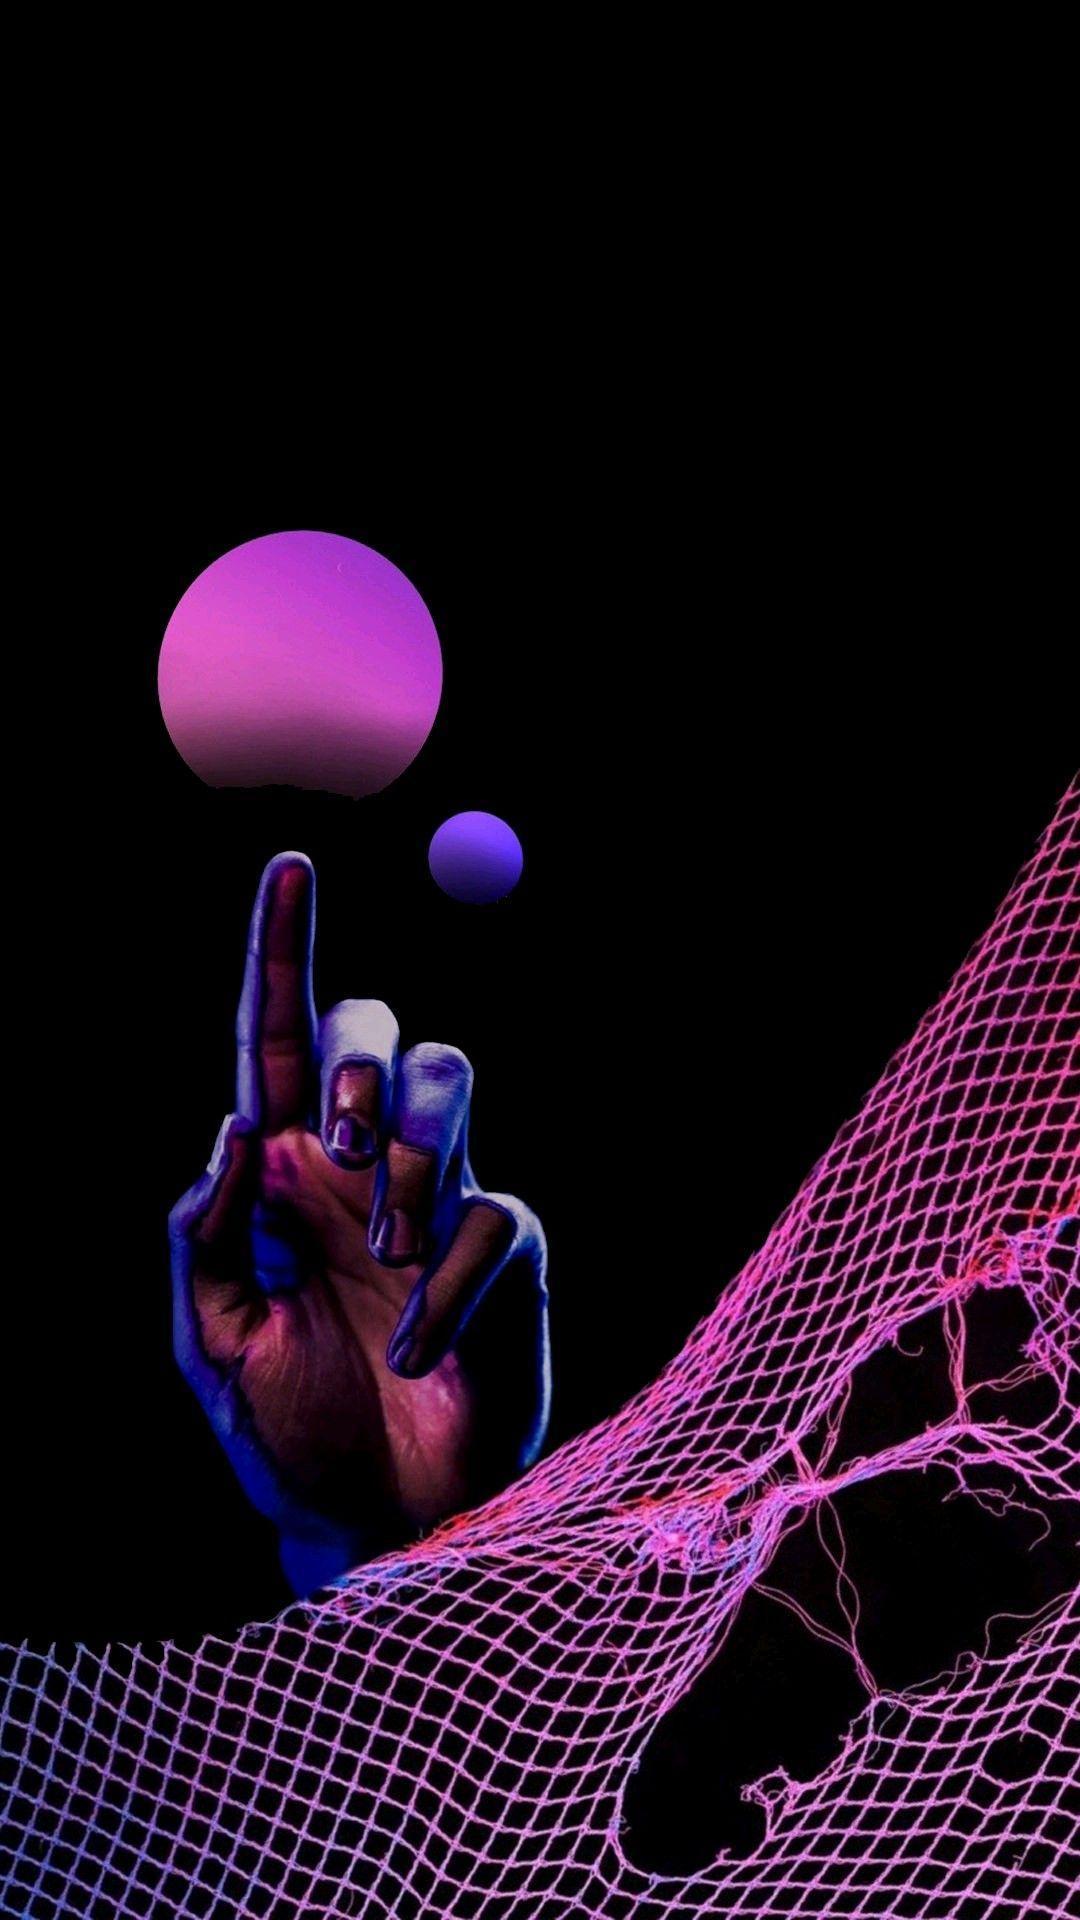 Hands Aesthetic Neon Wallpapers - Top Free Hands Aesthetic ...